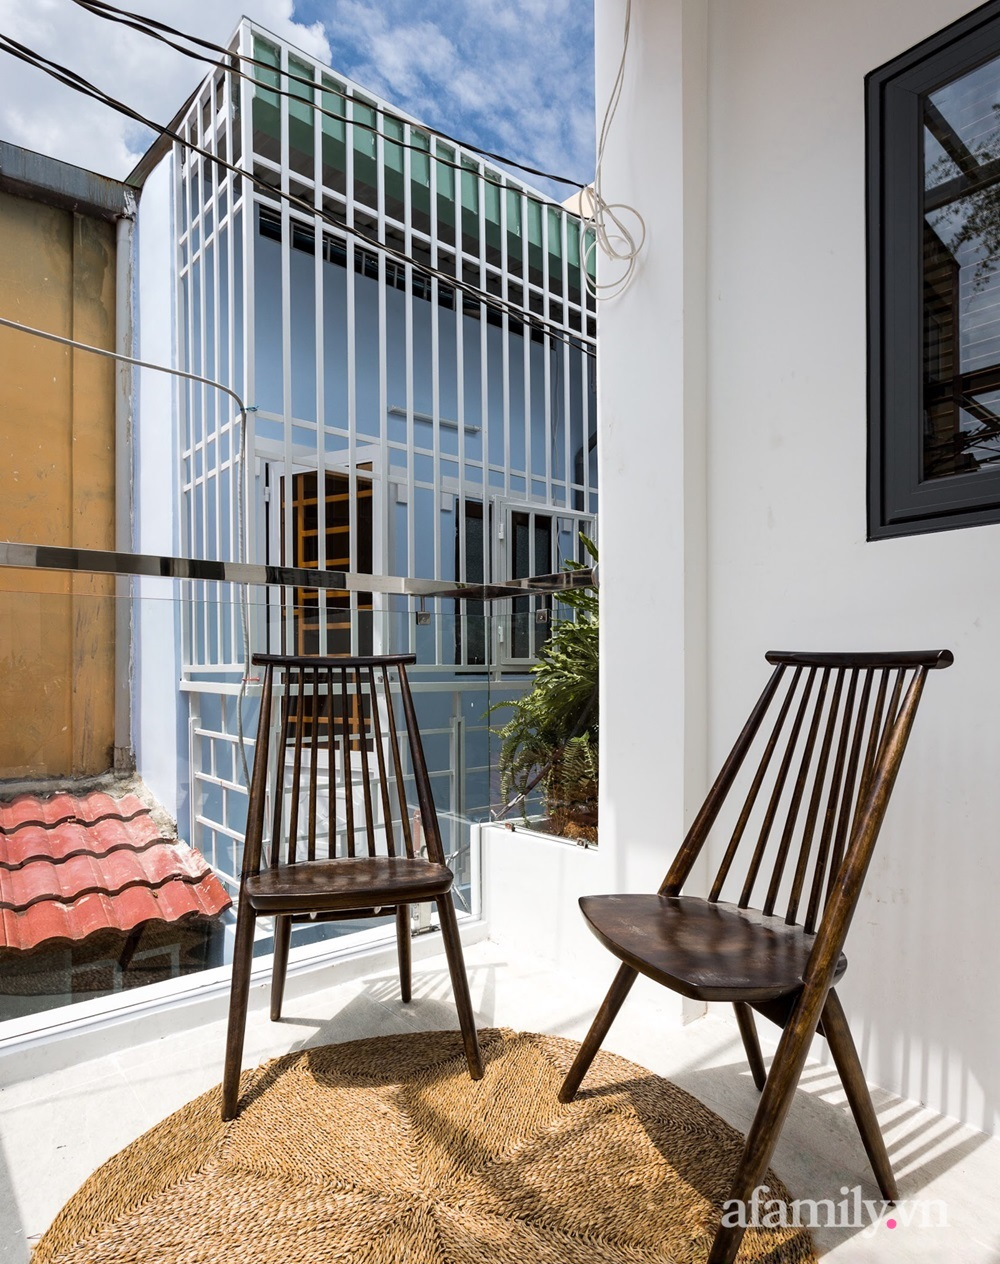 Căn nhà phố cũ kỹ rộng 80m² được cải tạo đẹp tiện nghi với gam màu sáng có chi phí 650 triệu đồng - Ảnh 15.